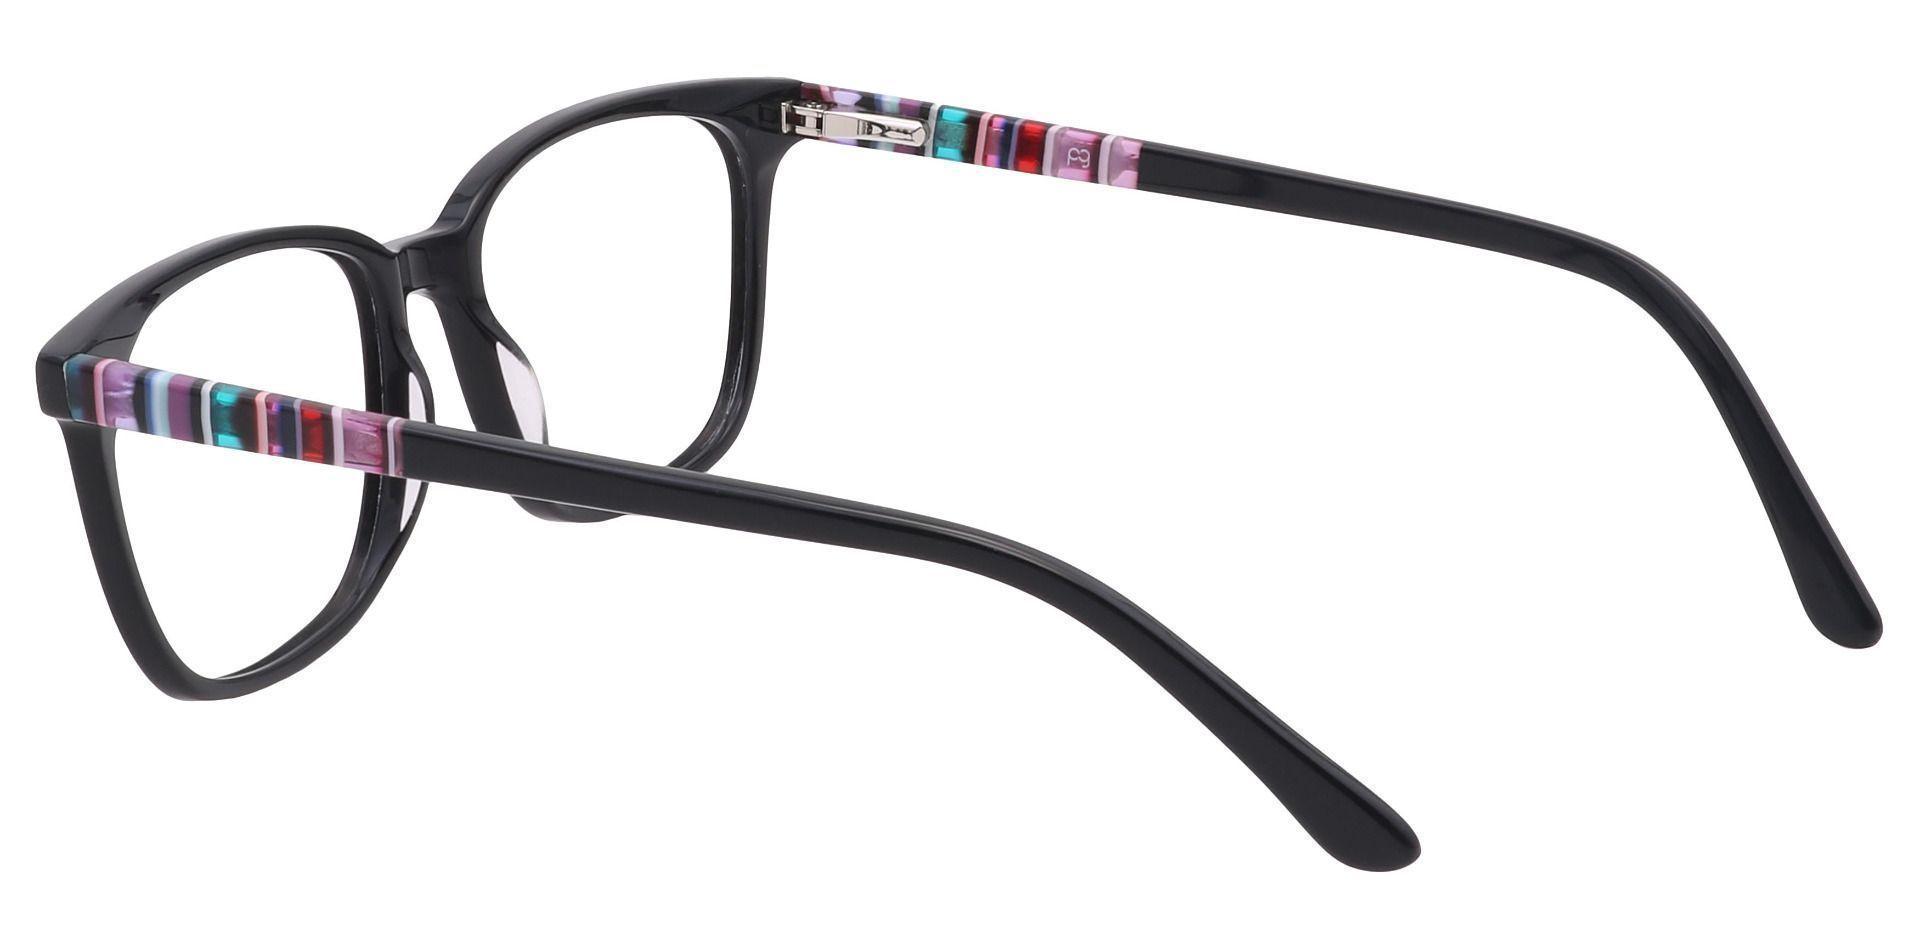 Fern Square Prescription Glasses - Black